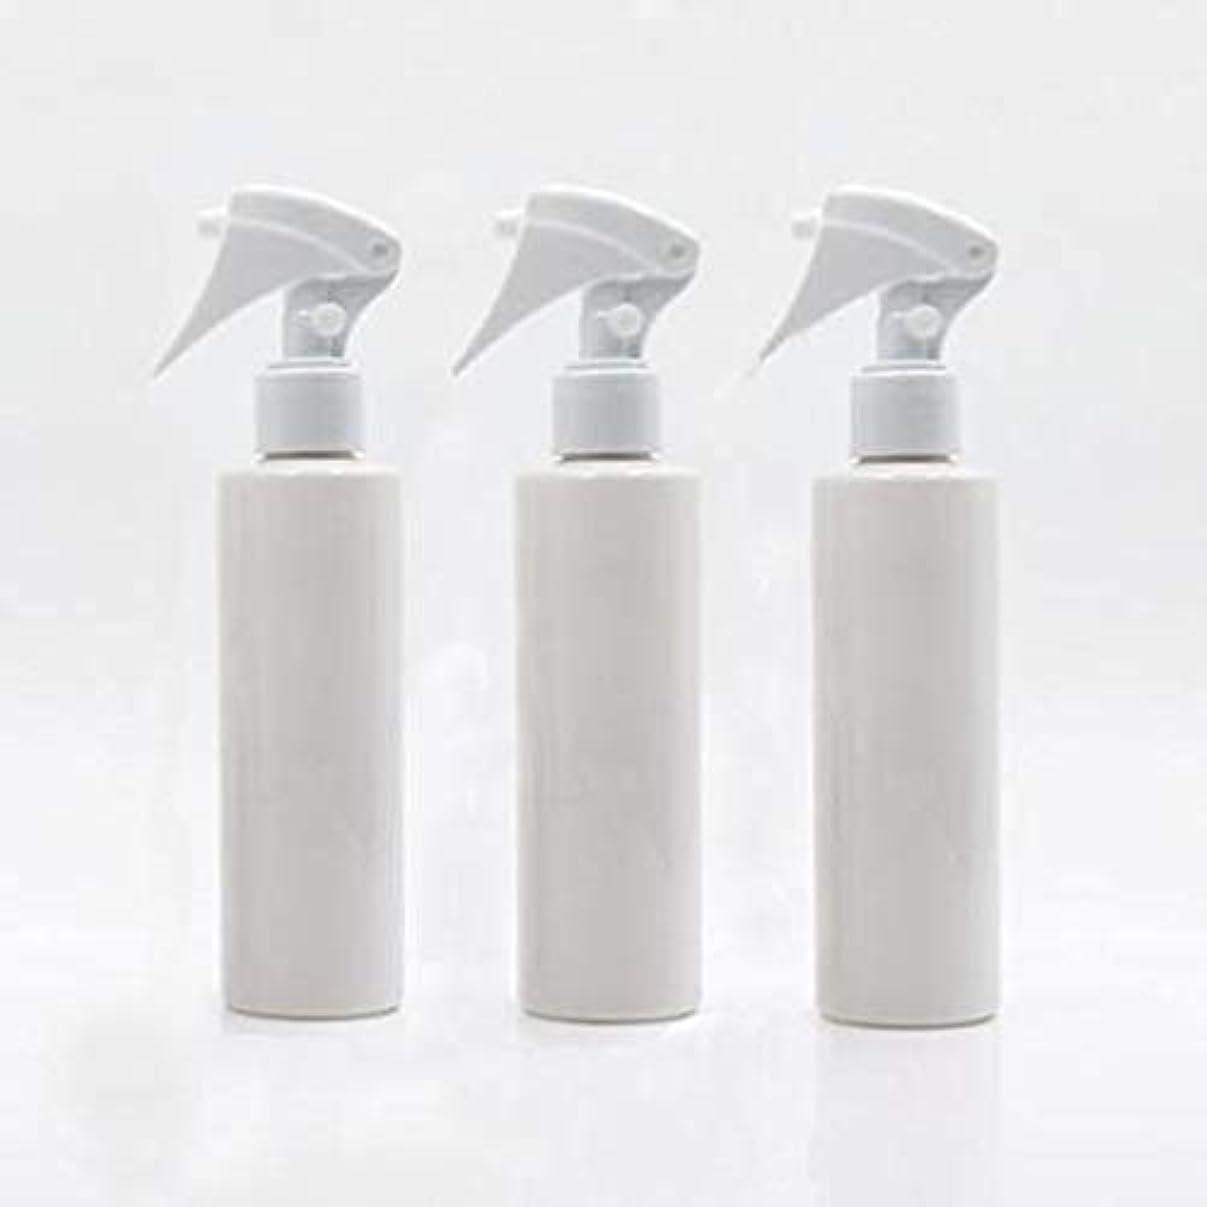 色合いマリン豊富Flymylion 極細のミストを噴霧する スプレーボトル 詰め替え容器 200ml 3本セット (ホワイト)